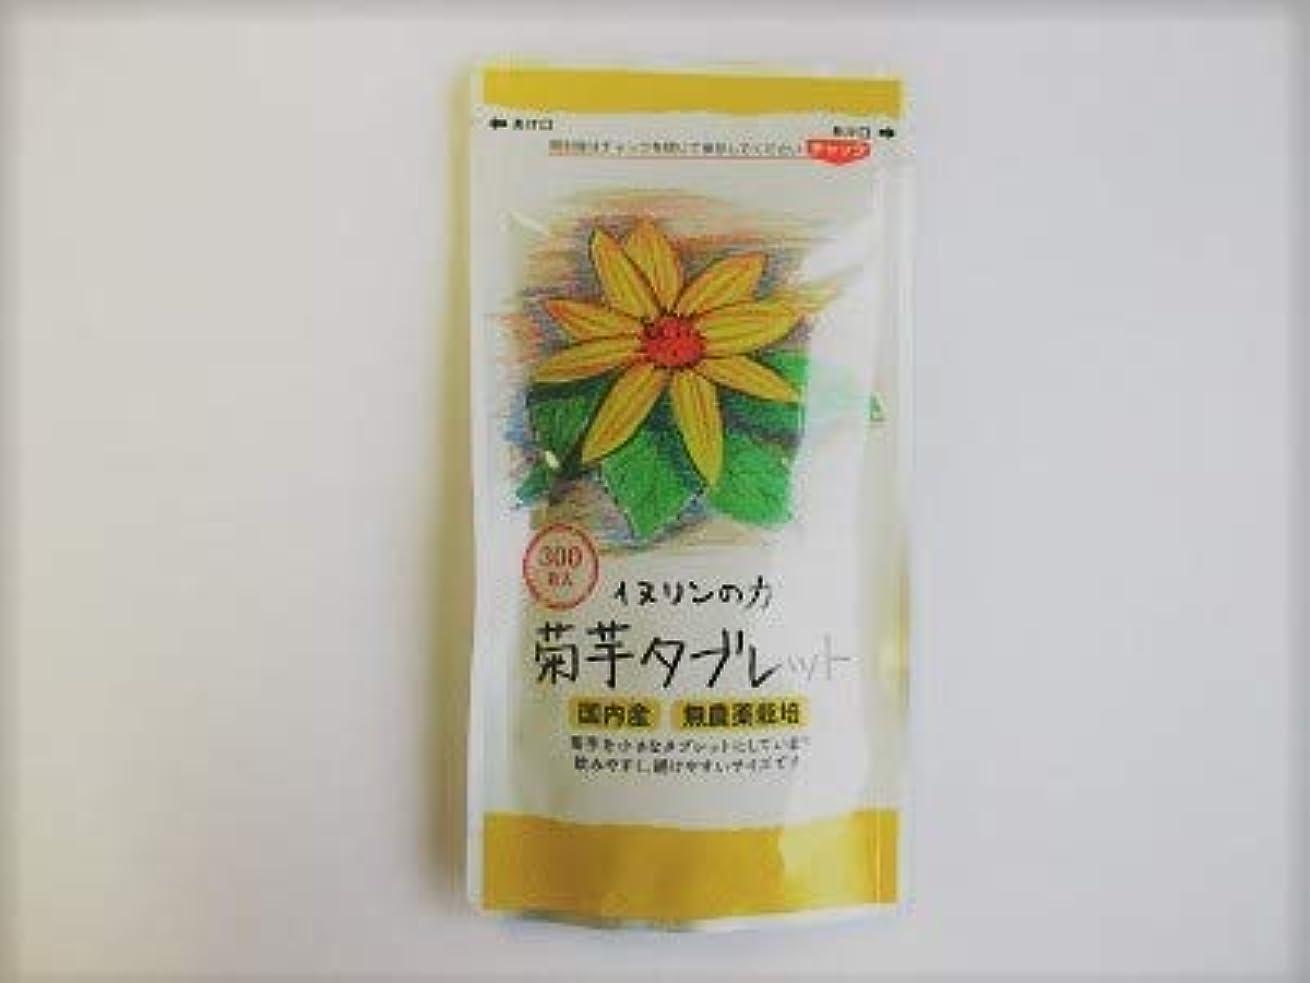 引き算掃く求める菊芋タブレット 250mg×300粒 内容量:75g ★1袋で生菊芋=660g分相当です!